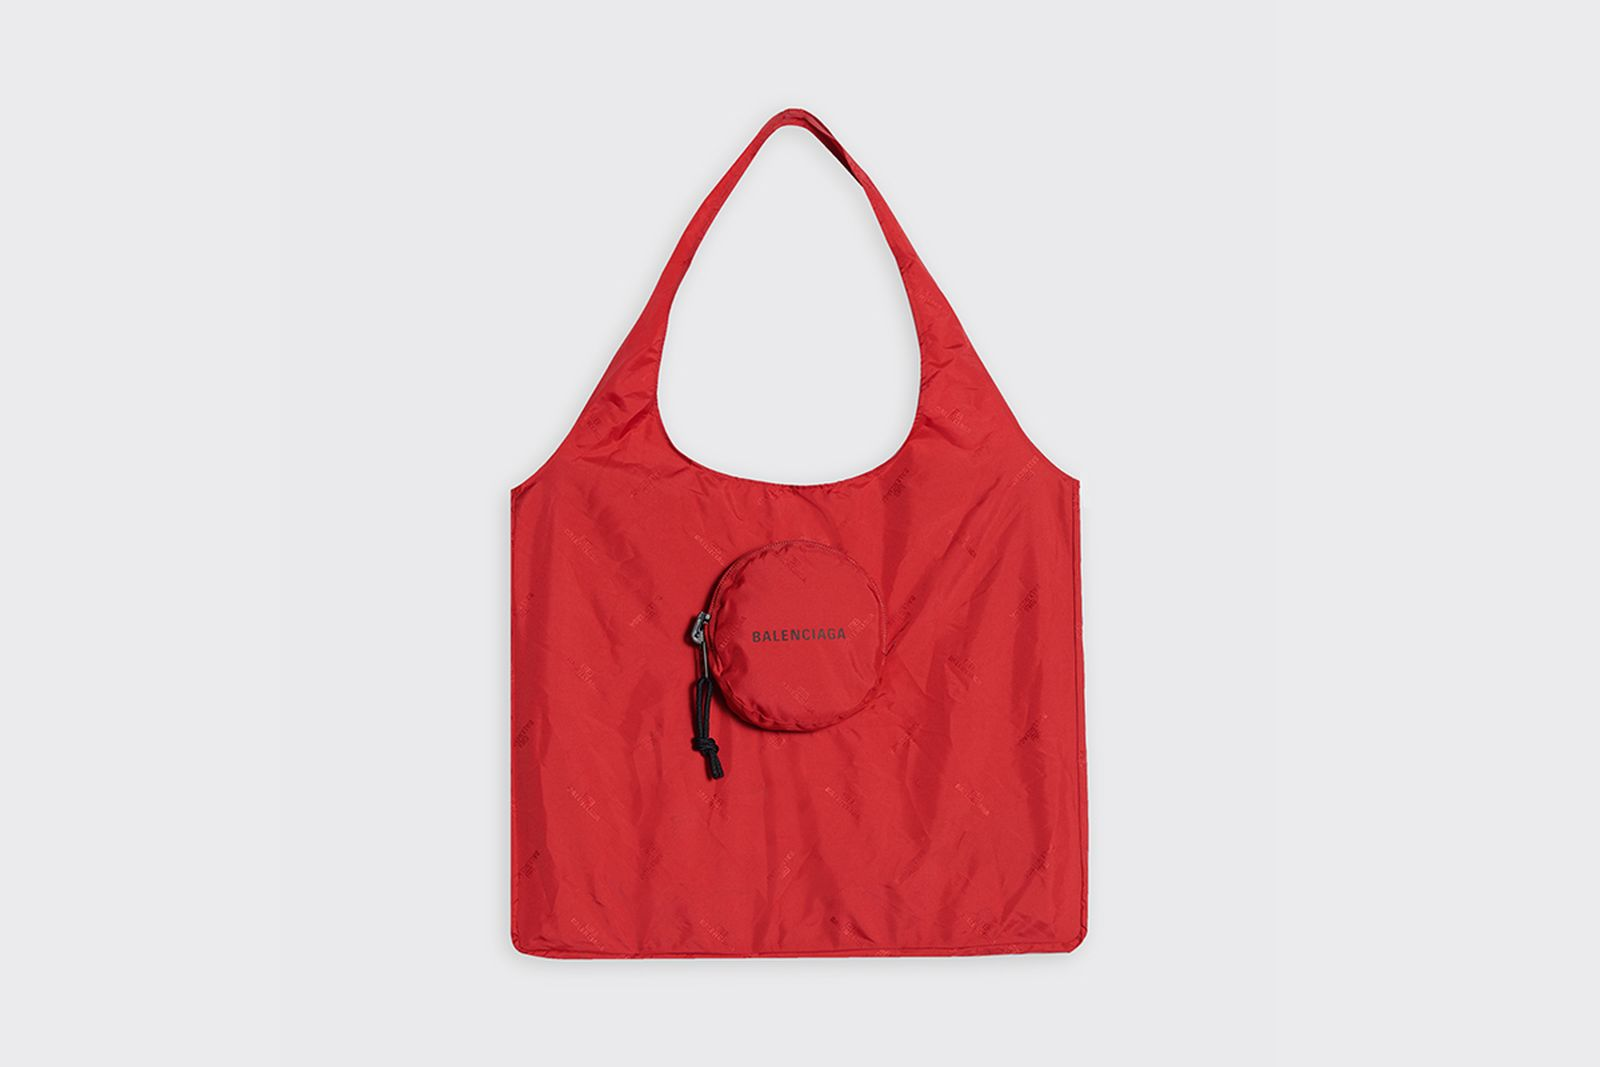 balenciaga-grocery-bag-02